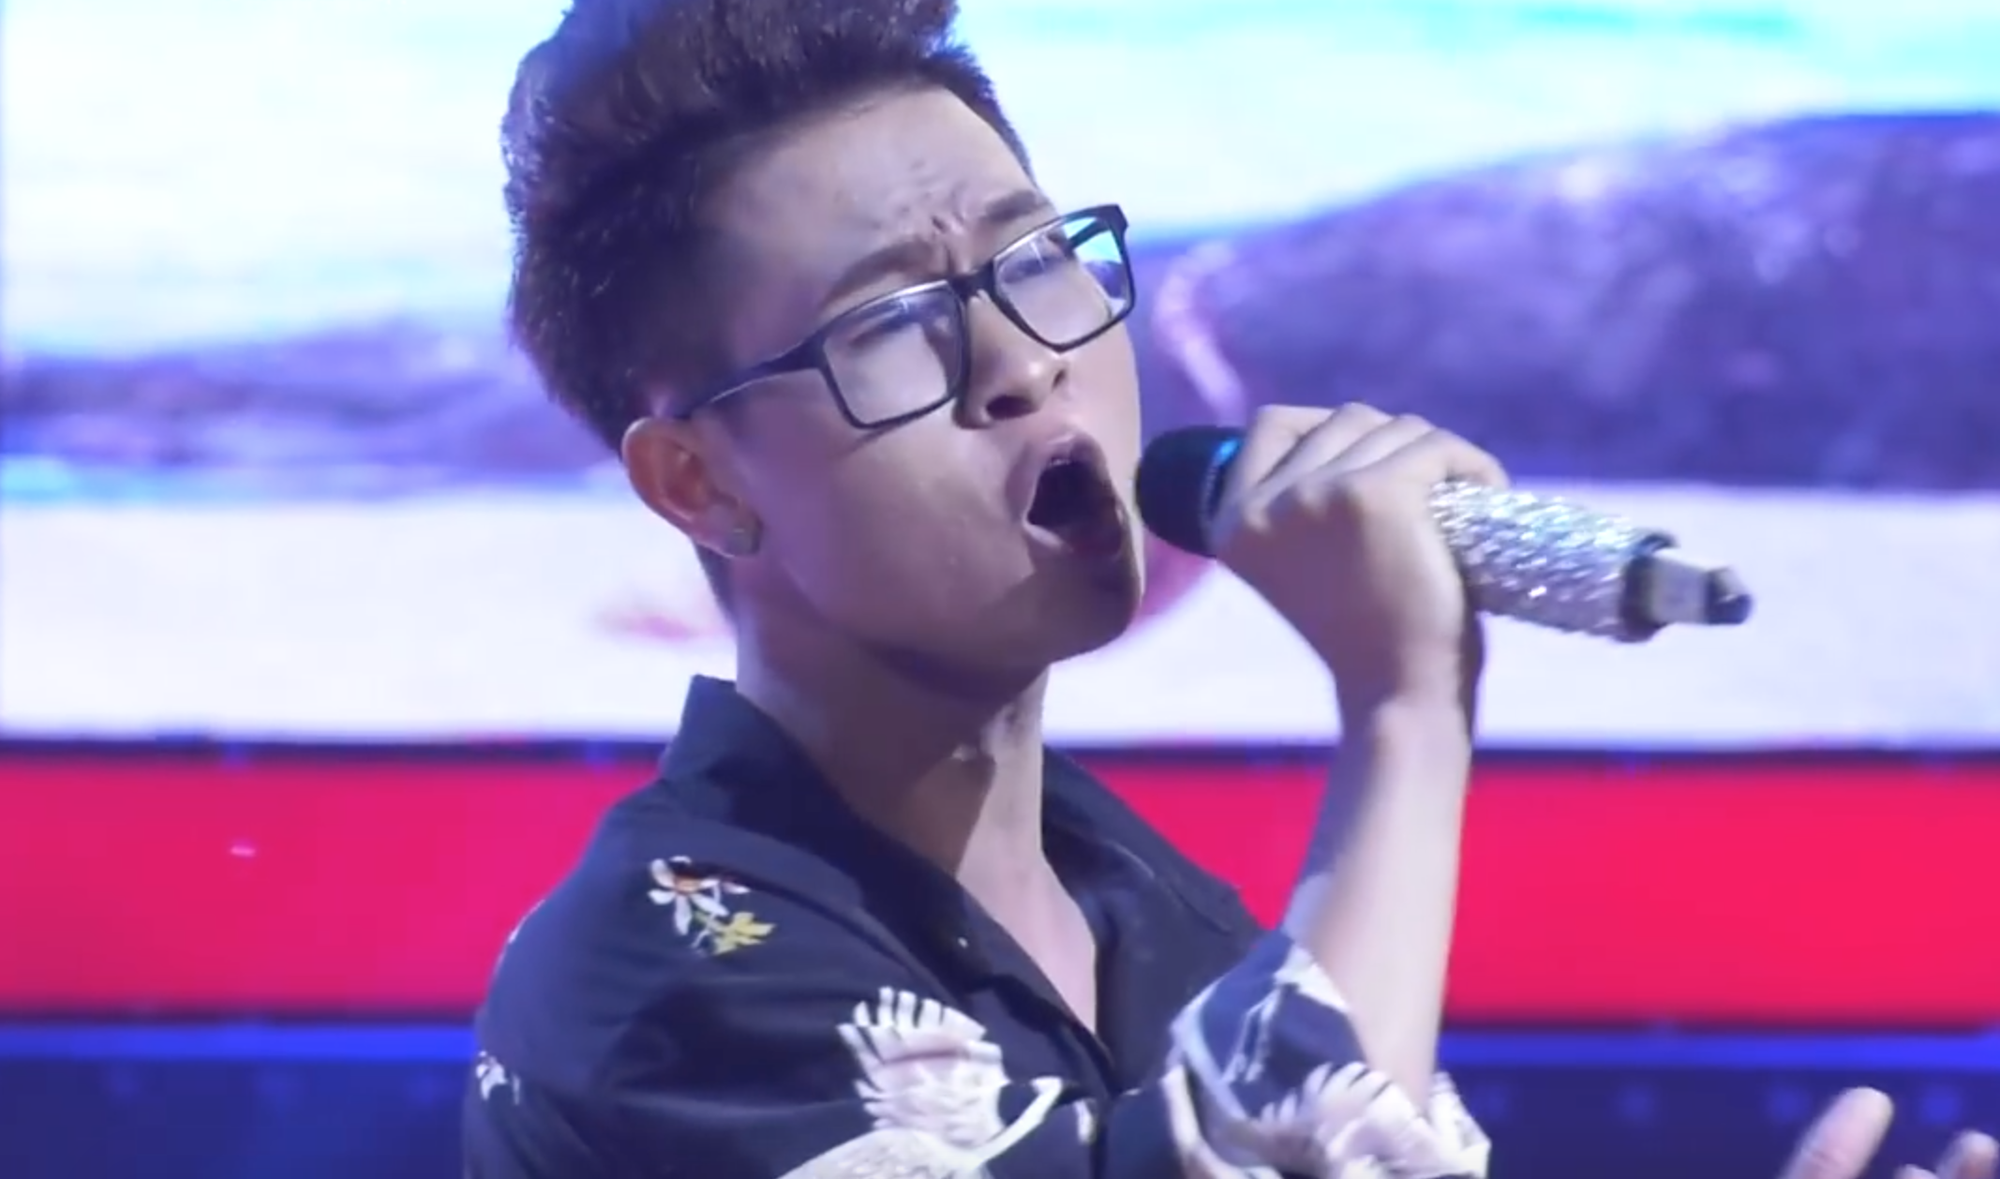 Giọng ải giọng ai: Trấn Thành trìu mến dõi theo màn song ca của Hari Won với thí sinh hát hay - Ảnh 9.